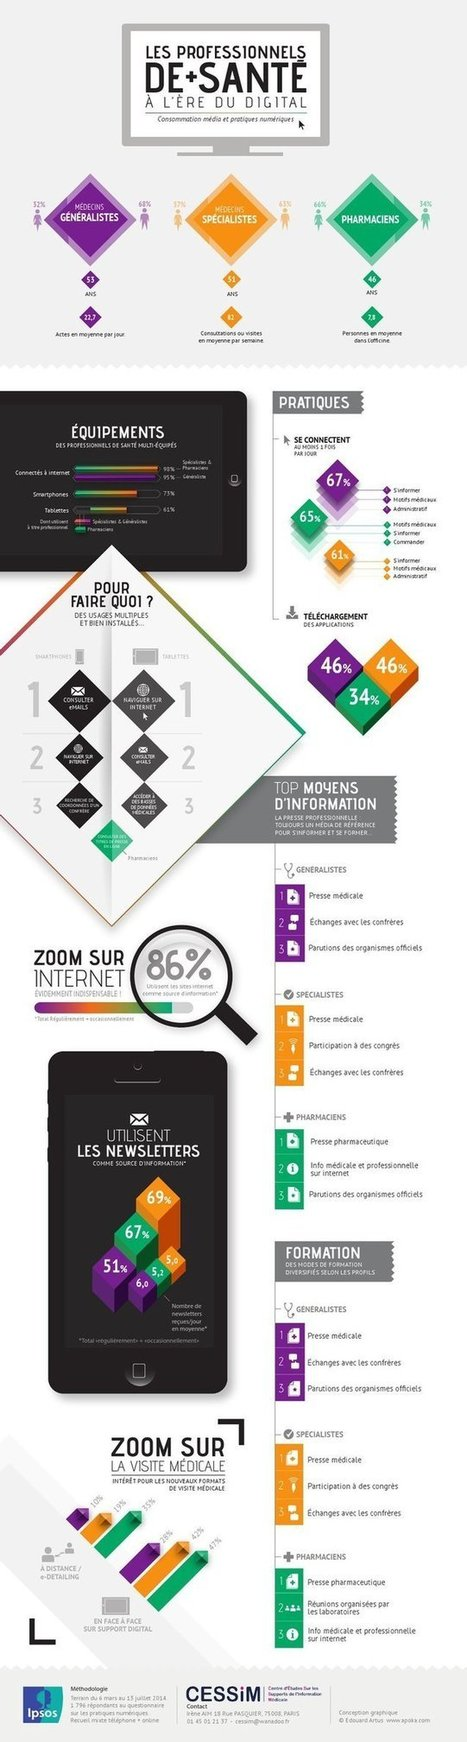 Infographie : l'adoption du digital par les professionnels de la santé - PHARMAGEEK | eSanté & Télémédecine | Scoop.it